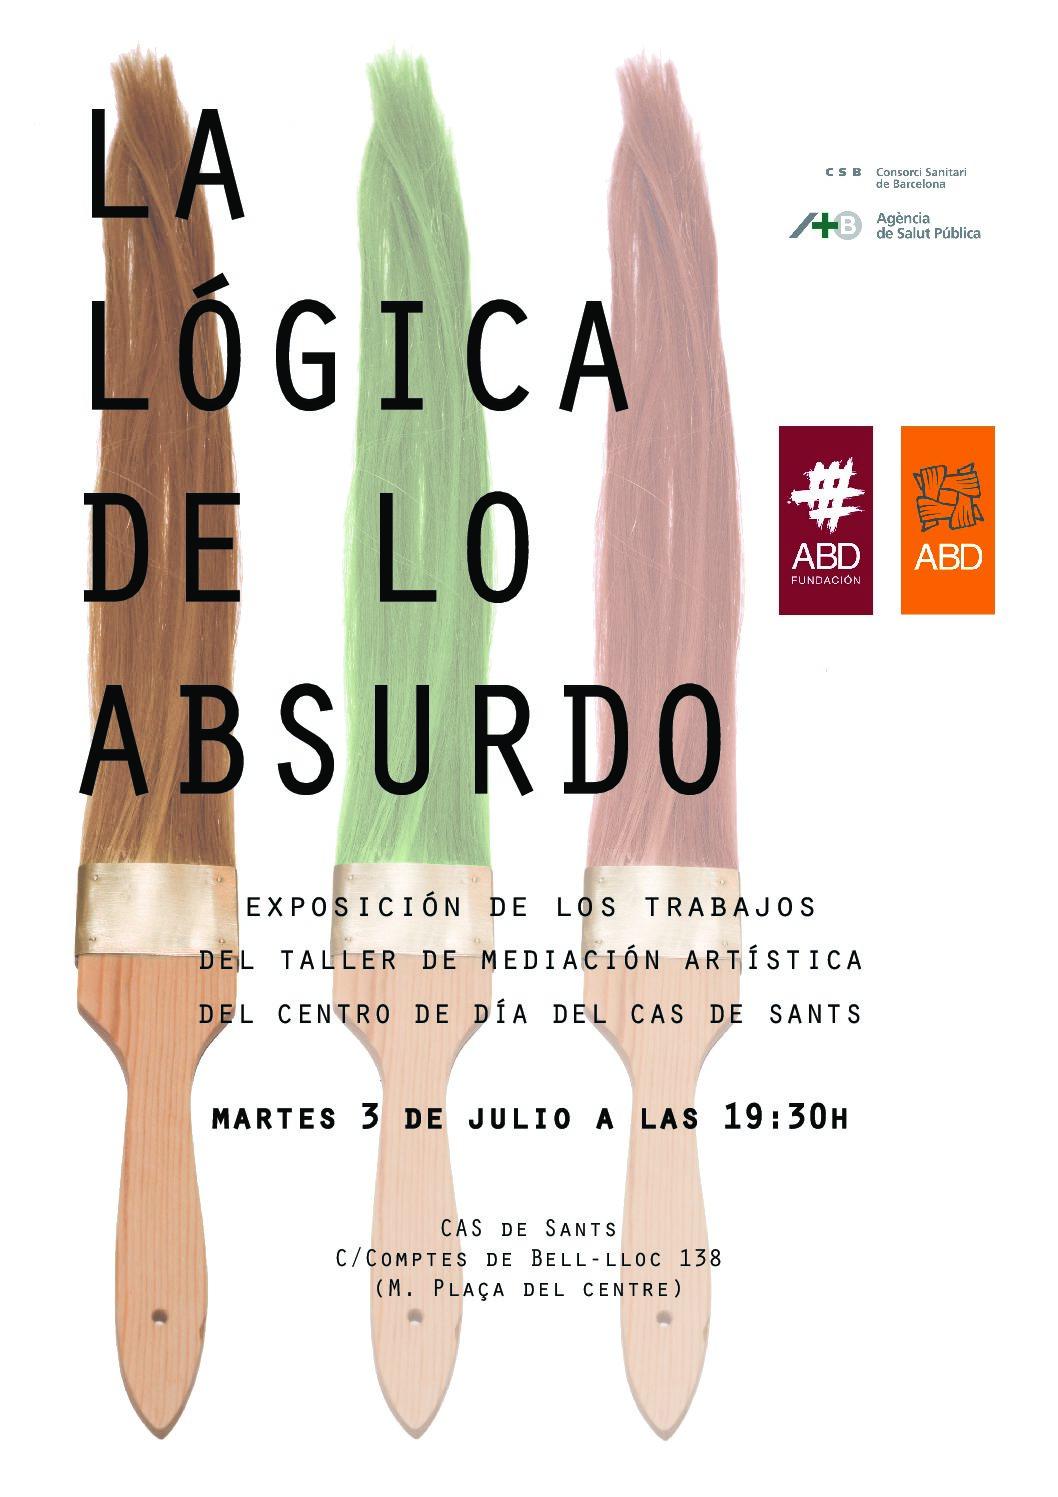 El CAS de Sants organiza una exposición con los trabajos del taller de mediación artística